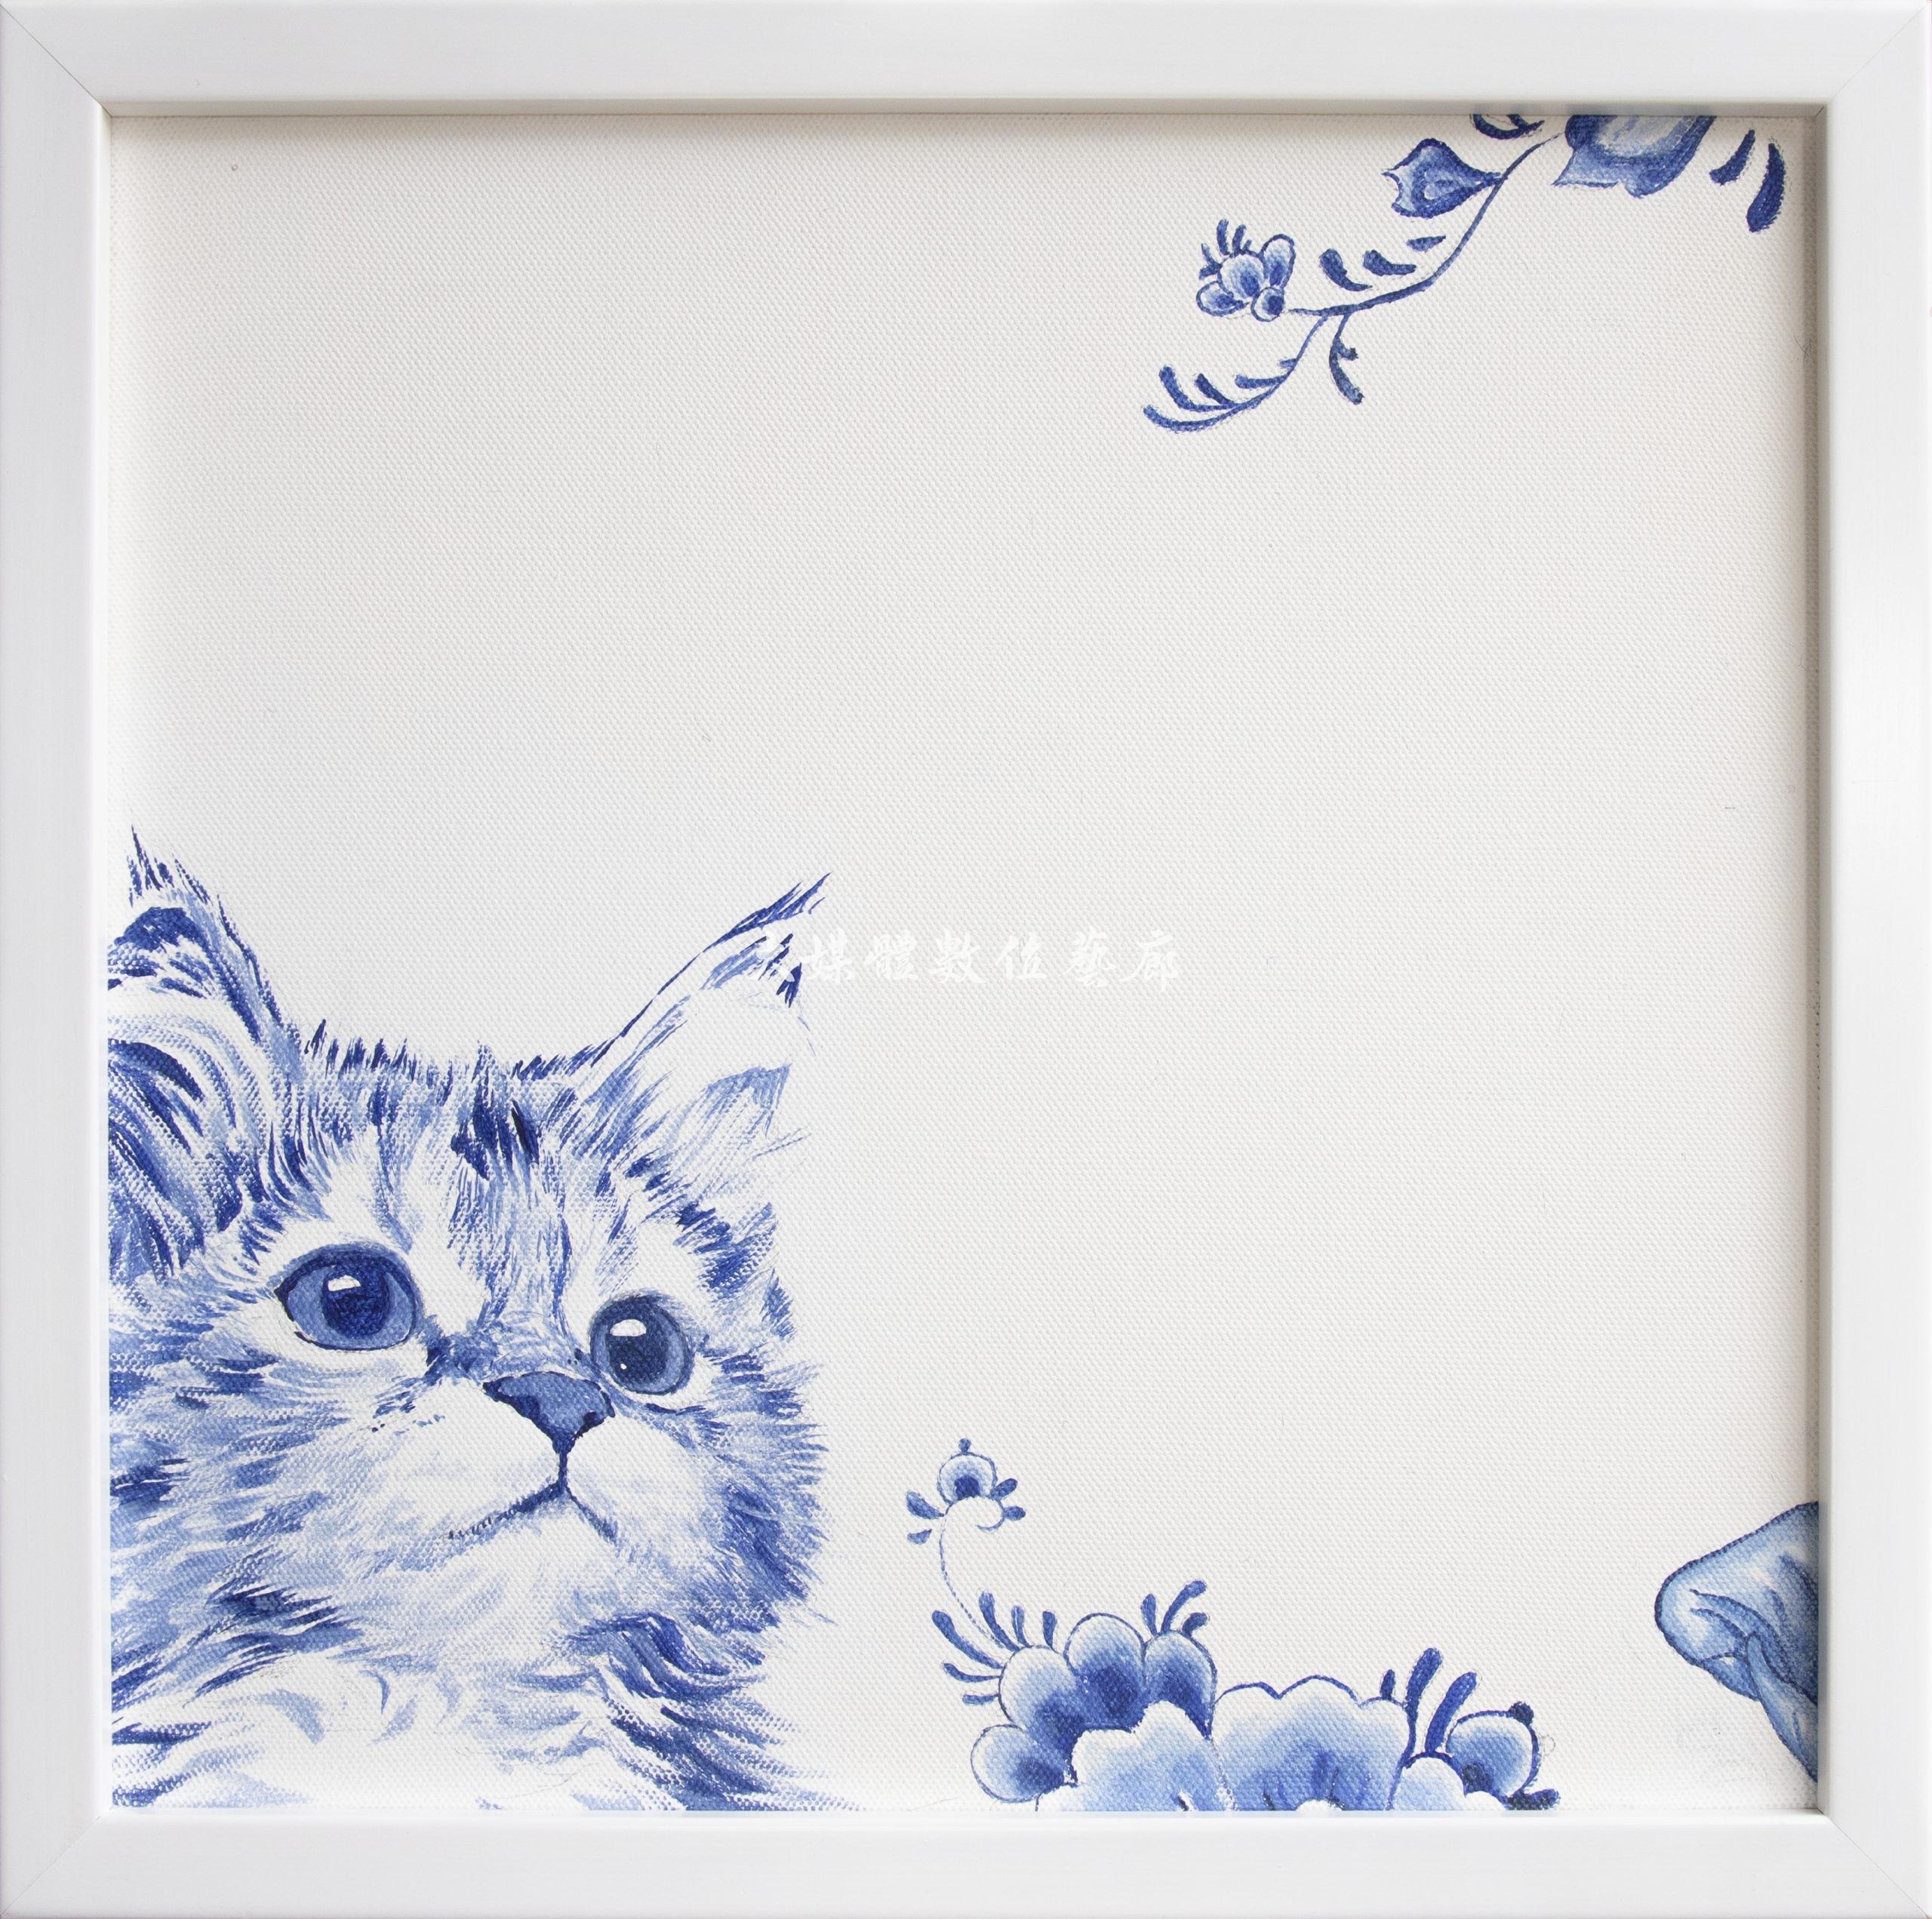 水彩畫 貓與鳥-望-1